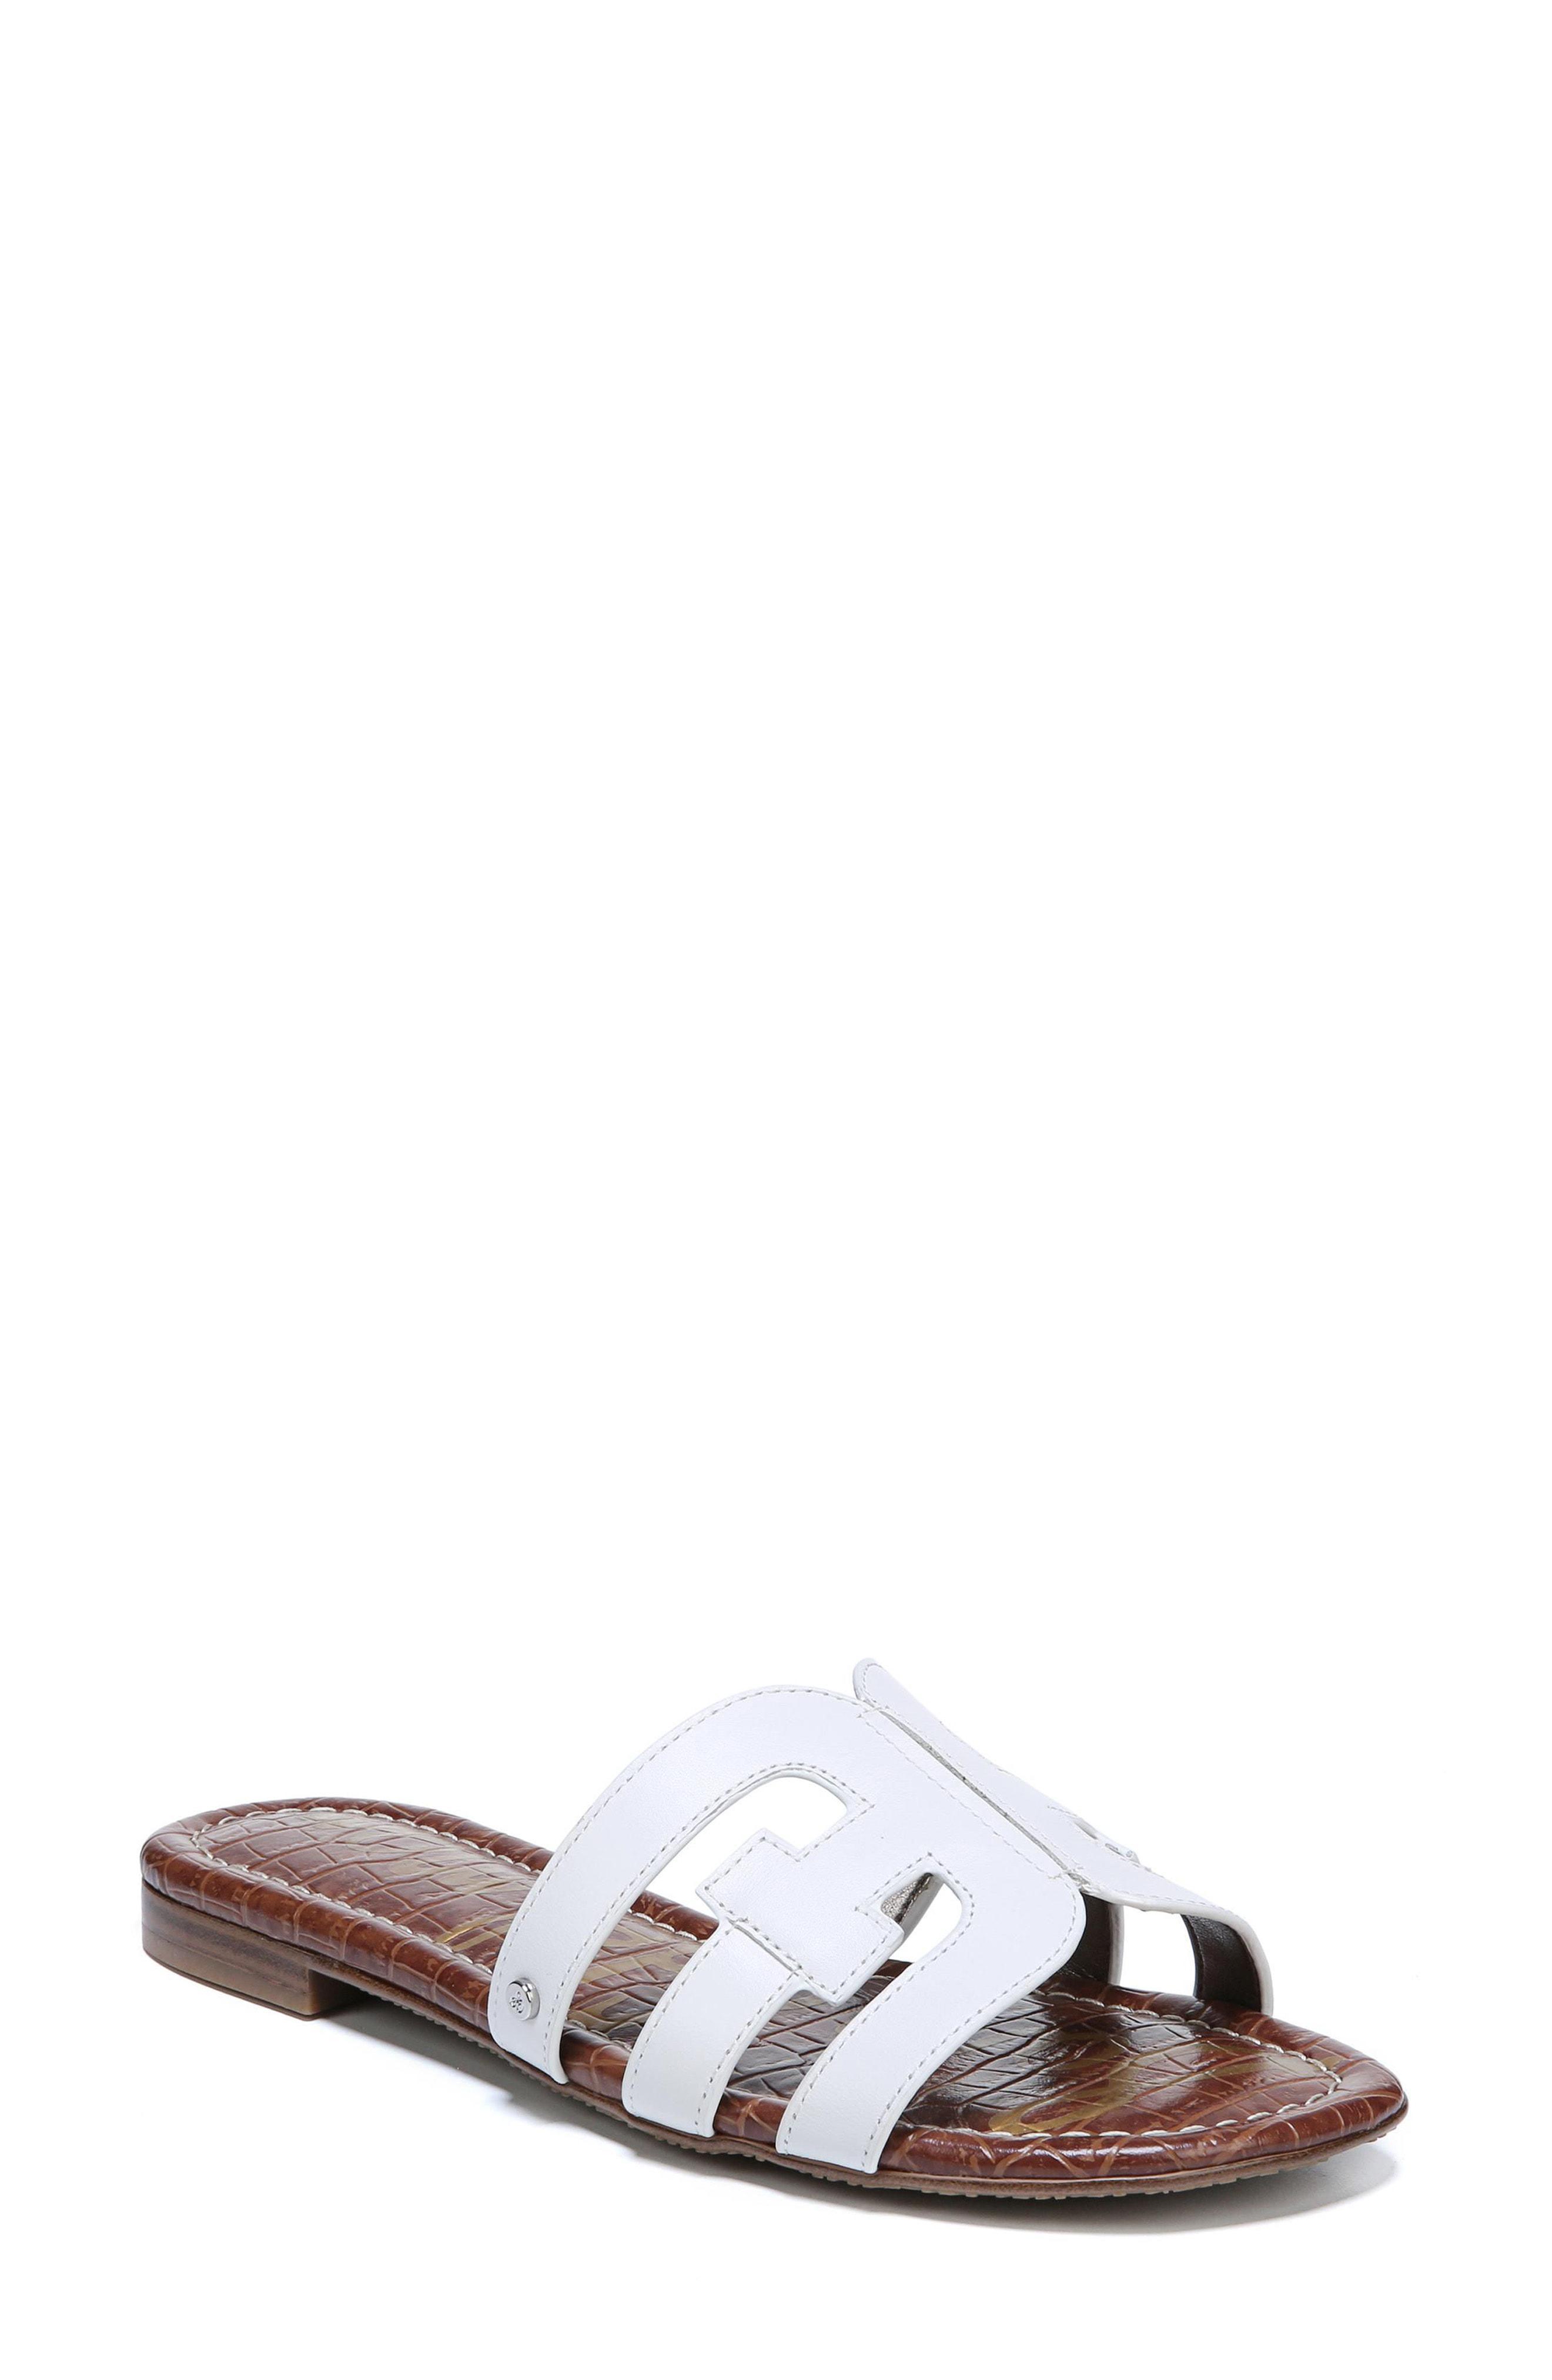 08dc37953 Sam Edelman Bay Slide Sandal in White - Lyst